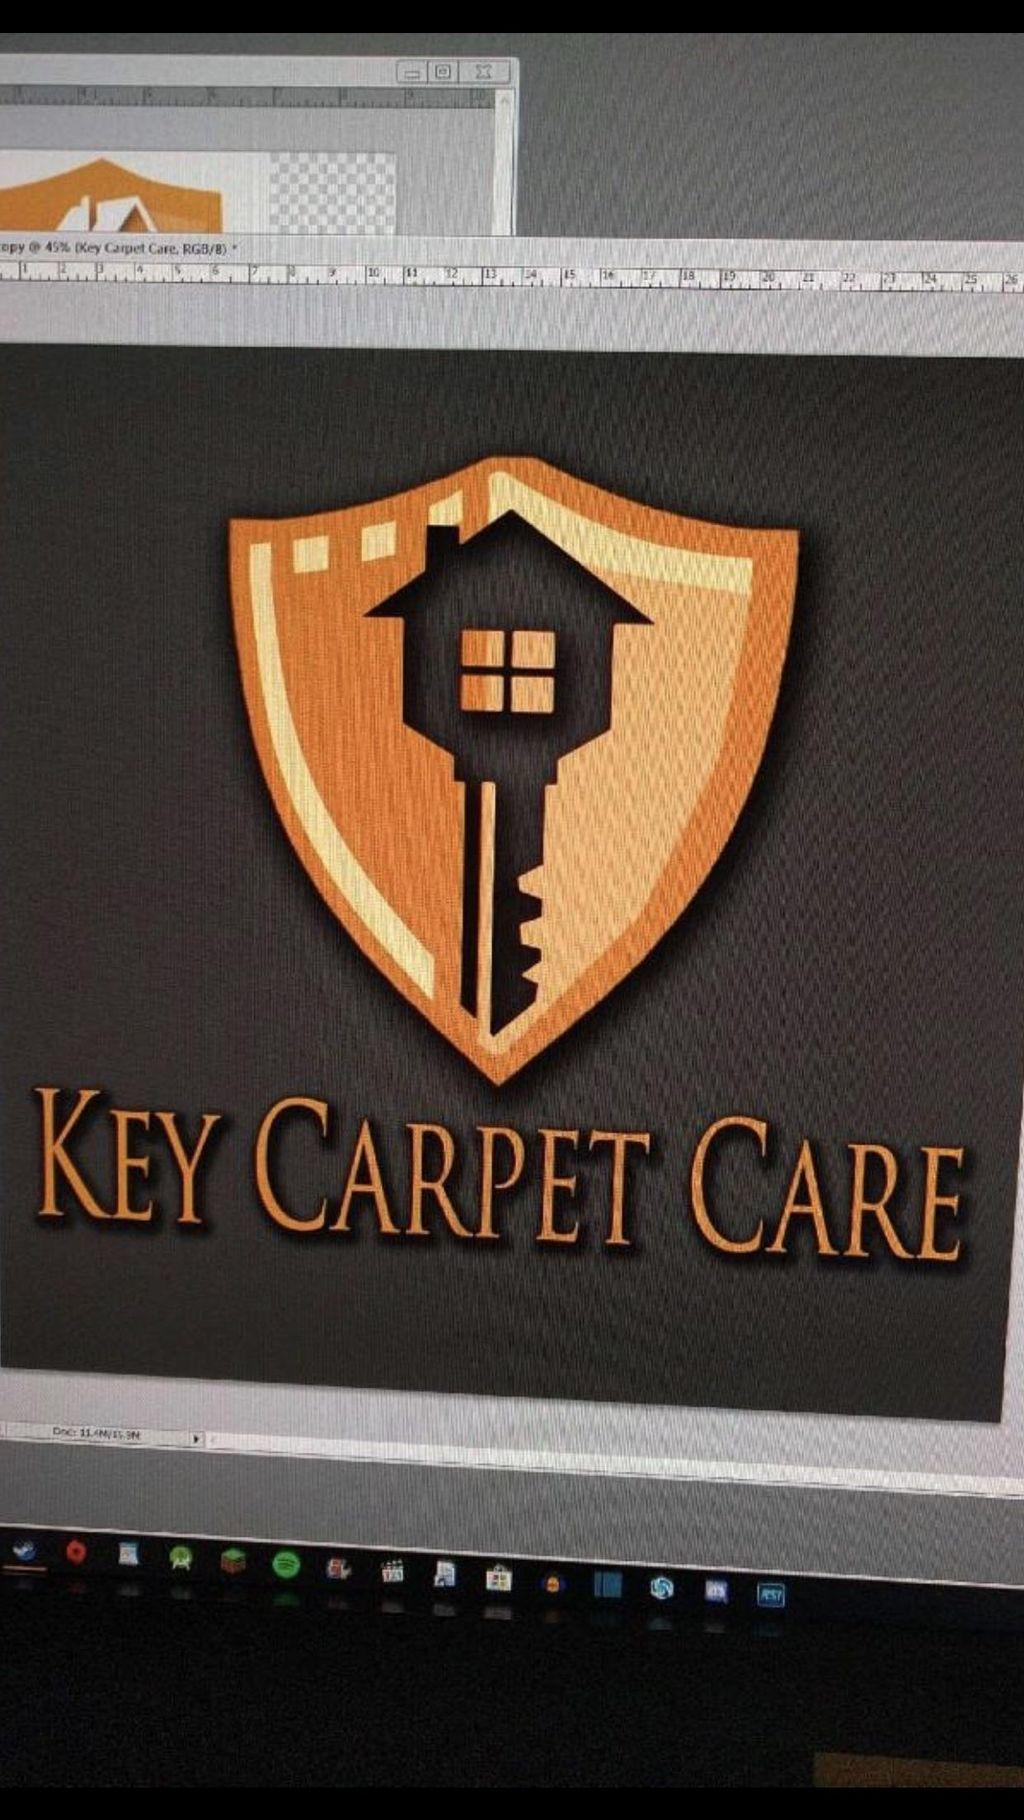 Key Carpet Care